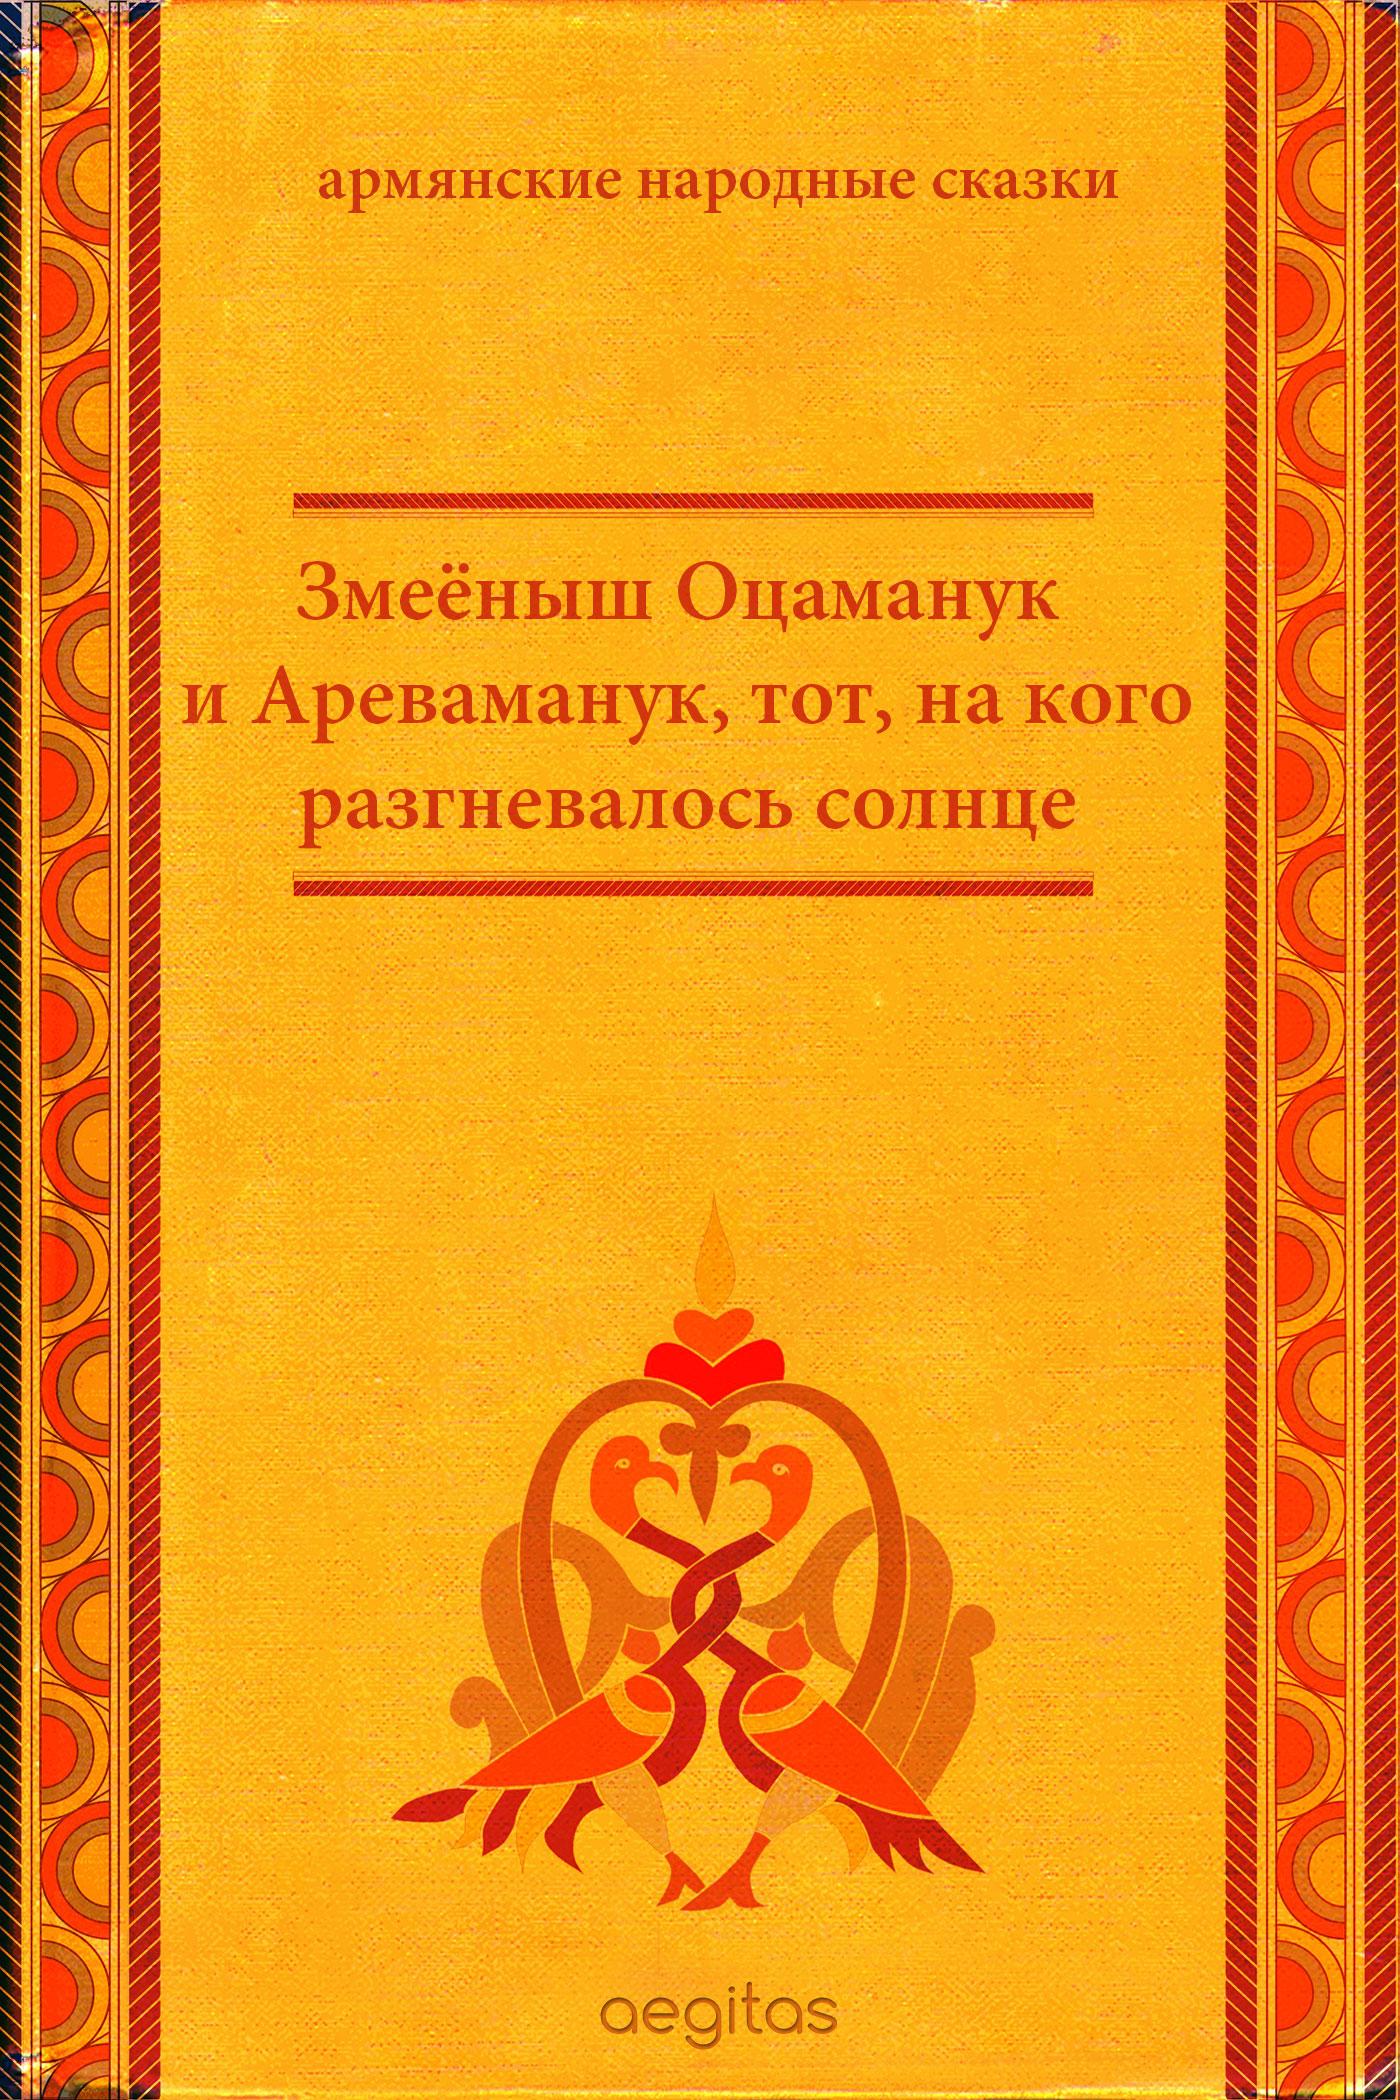 Змеёныш Оцаманук и Ареваманук, тот, на кого разгневалось солнце